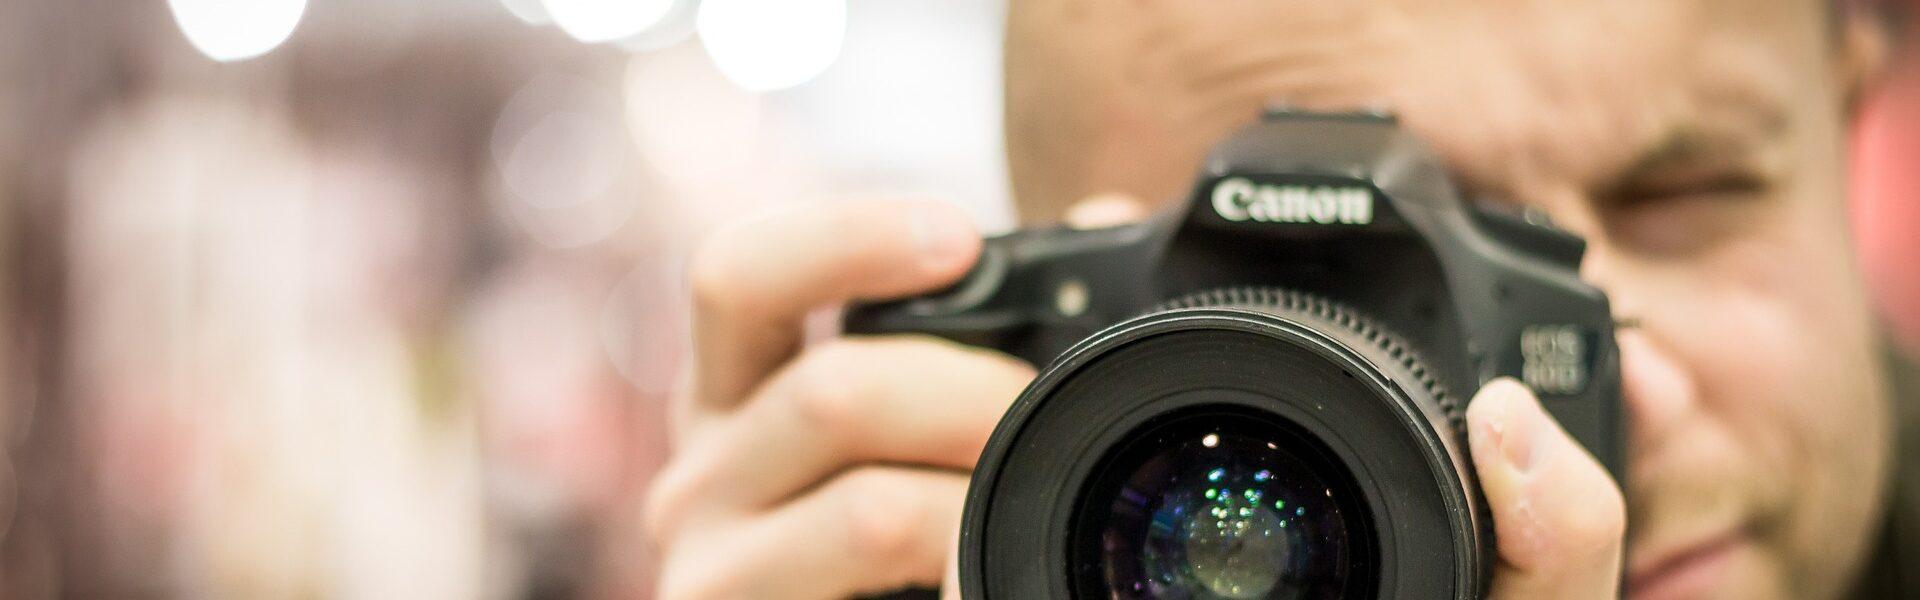 Formation Photoshop en ligne - Formation Photoshop à distance